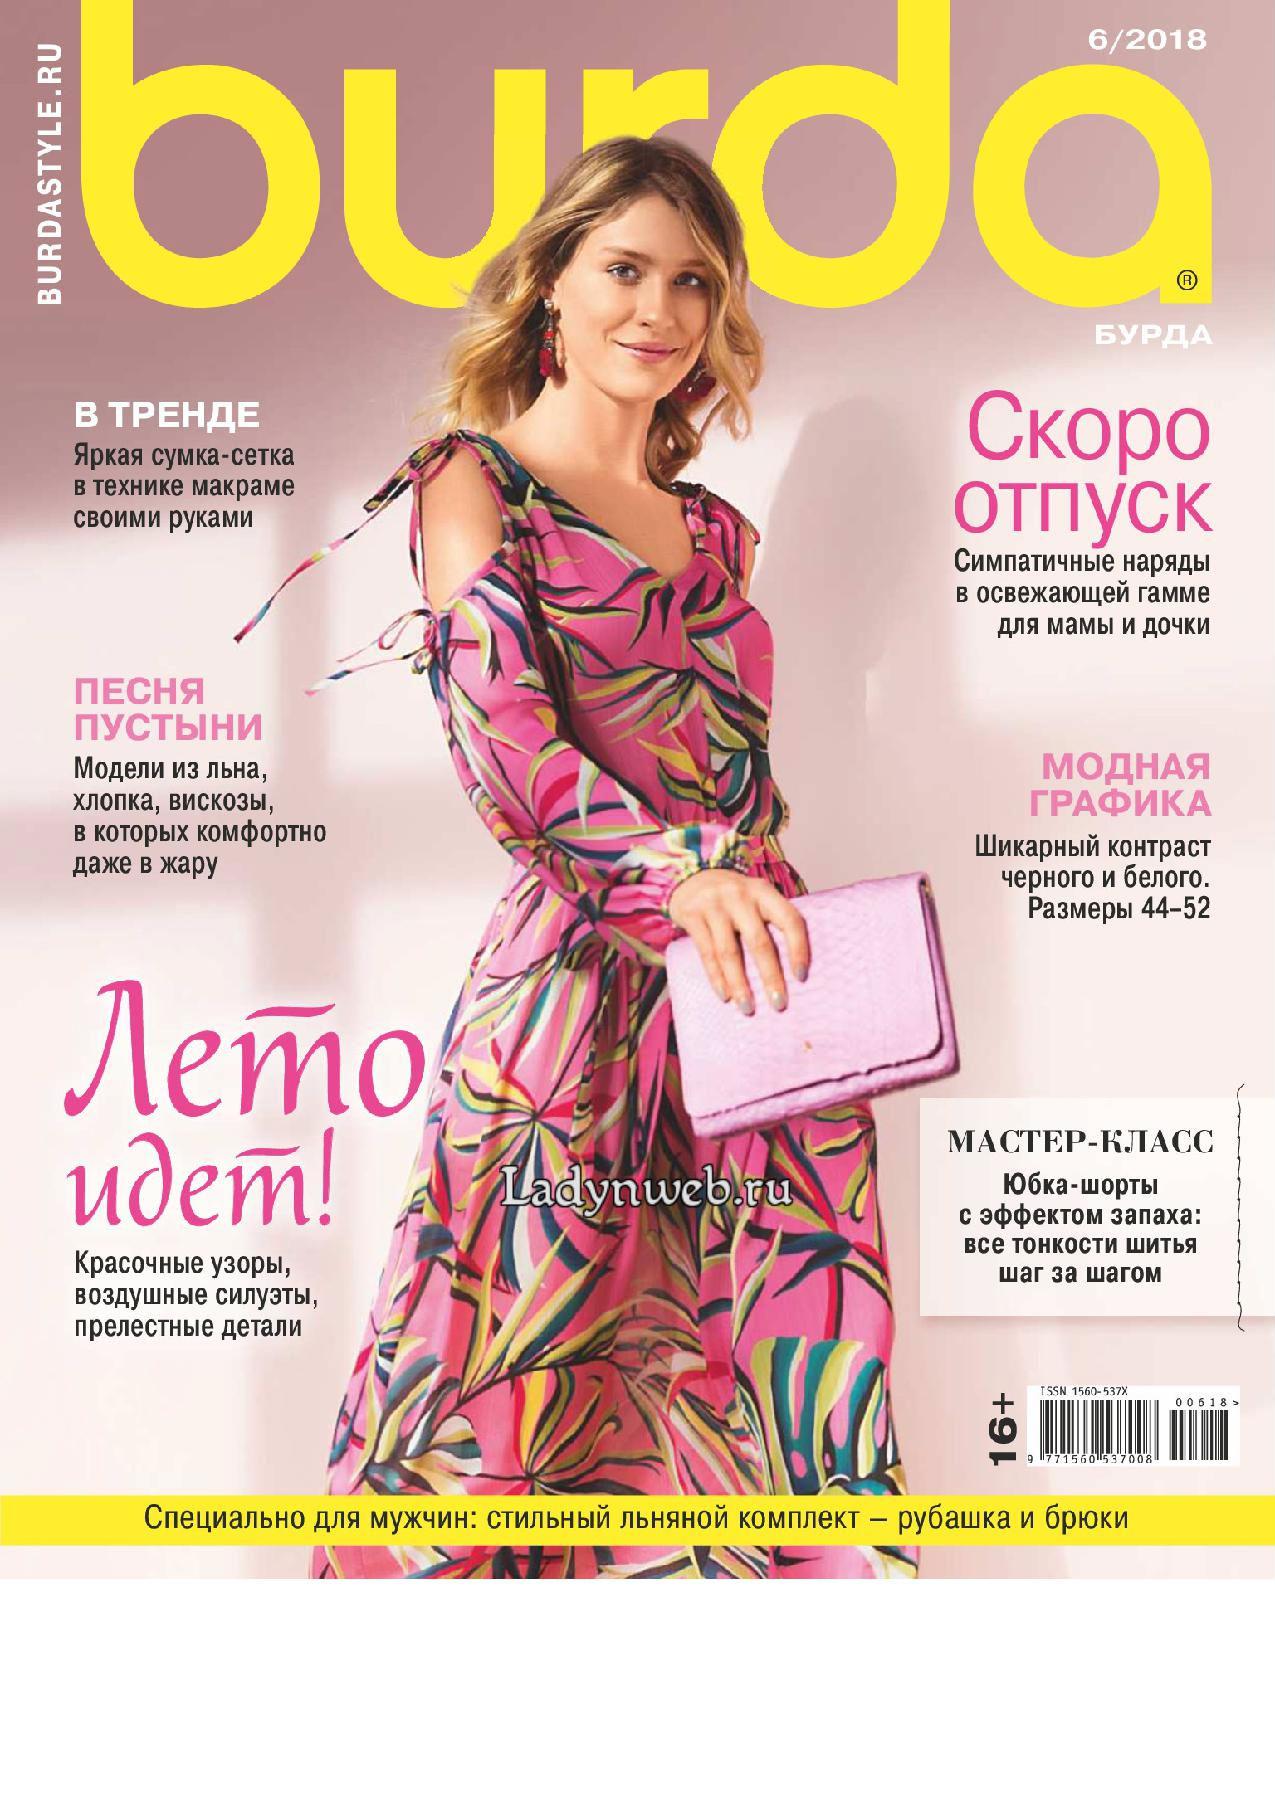 37ff61a170459bf Журнал по шитью Burda №6 от 2018 года | Ladynweb.ru